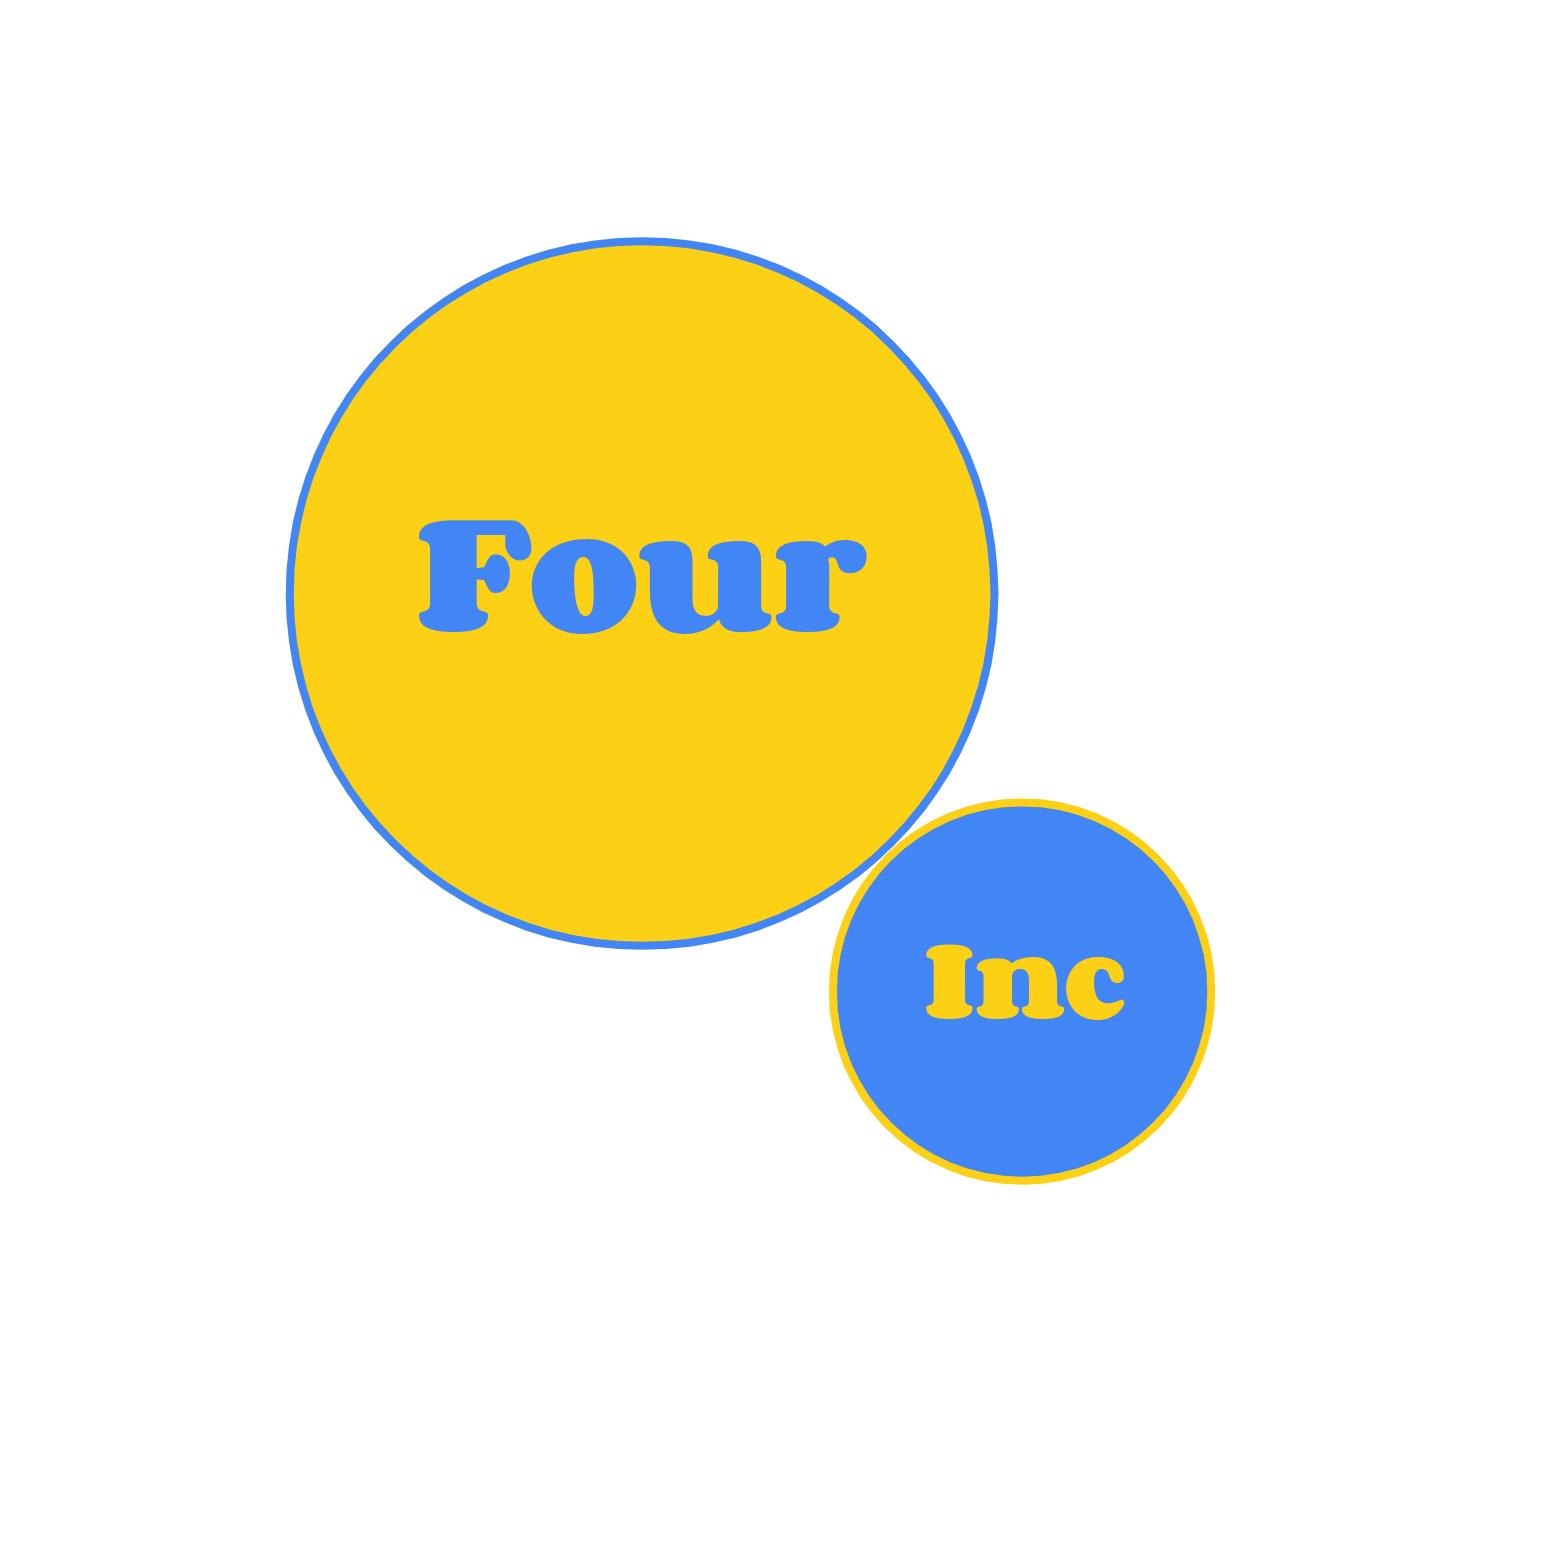 Four Inc